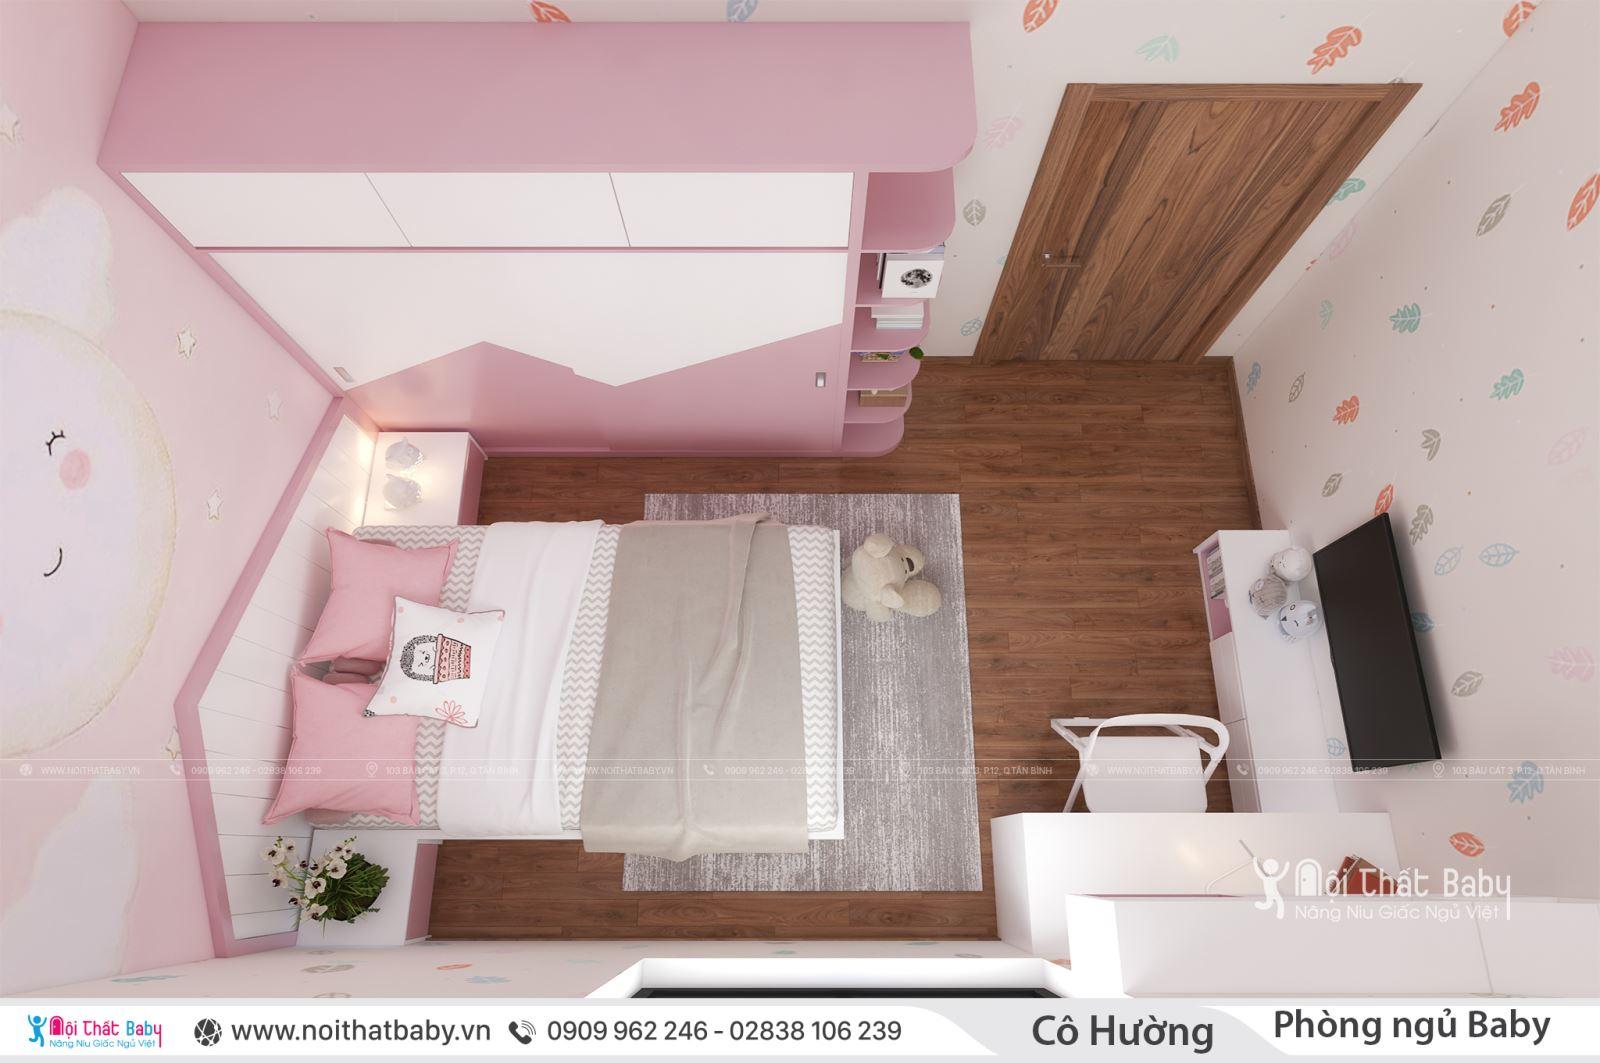 Mẫu phòng ngủ bé gái màu hồng đáng yêu